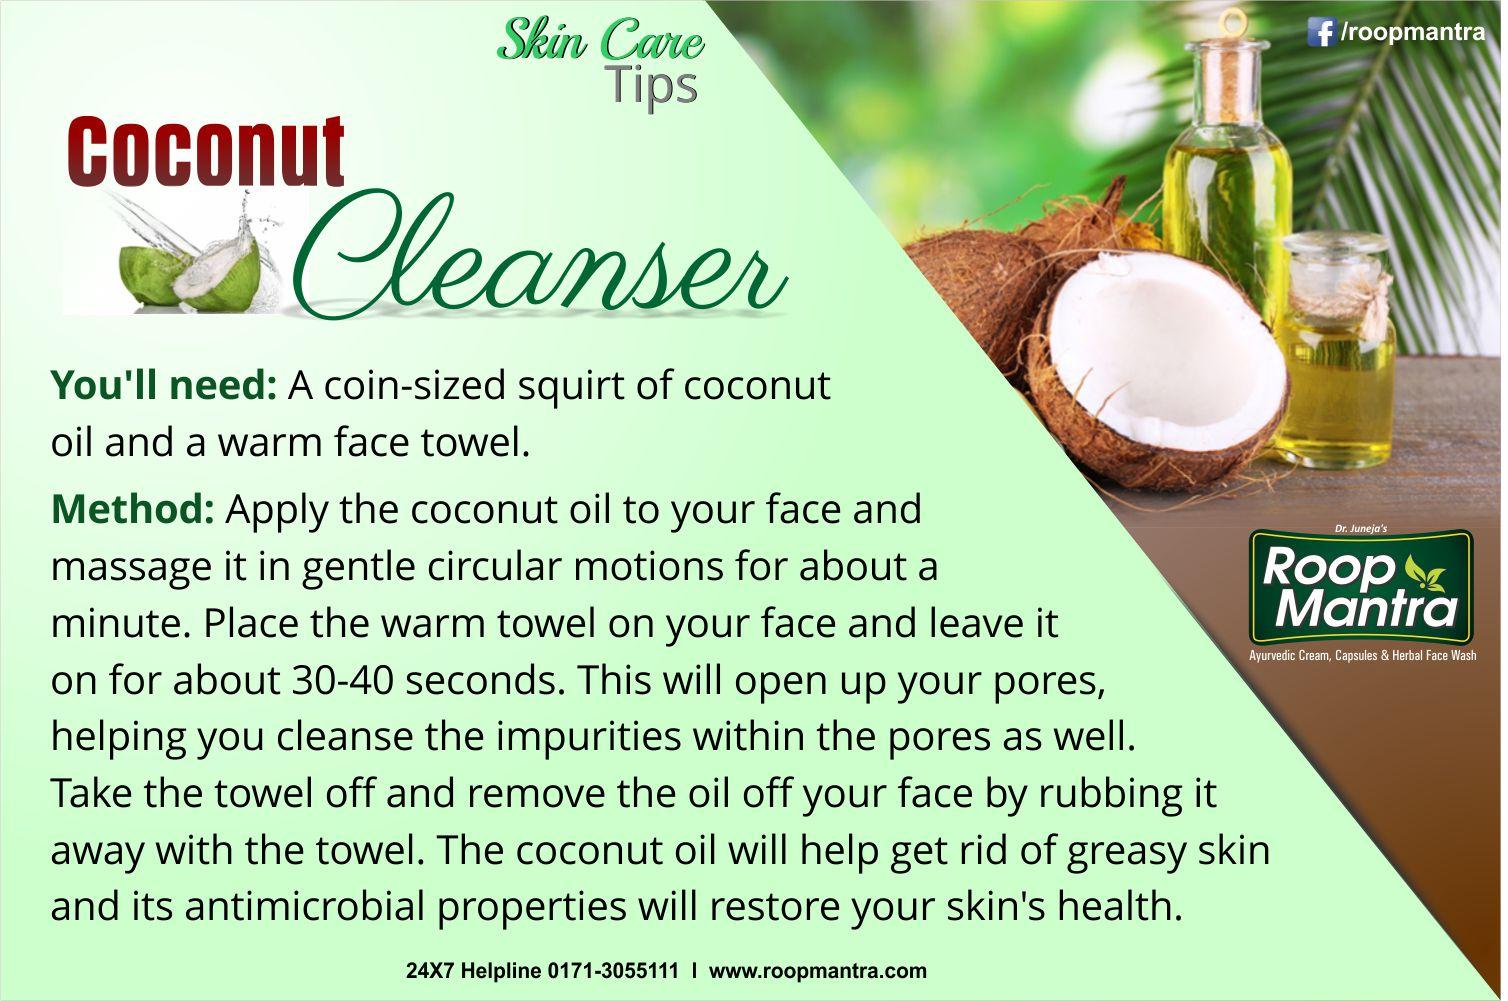 Health Tips For Living: Ayurvedic Skin Care Tips for Women